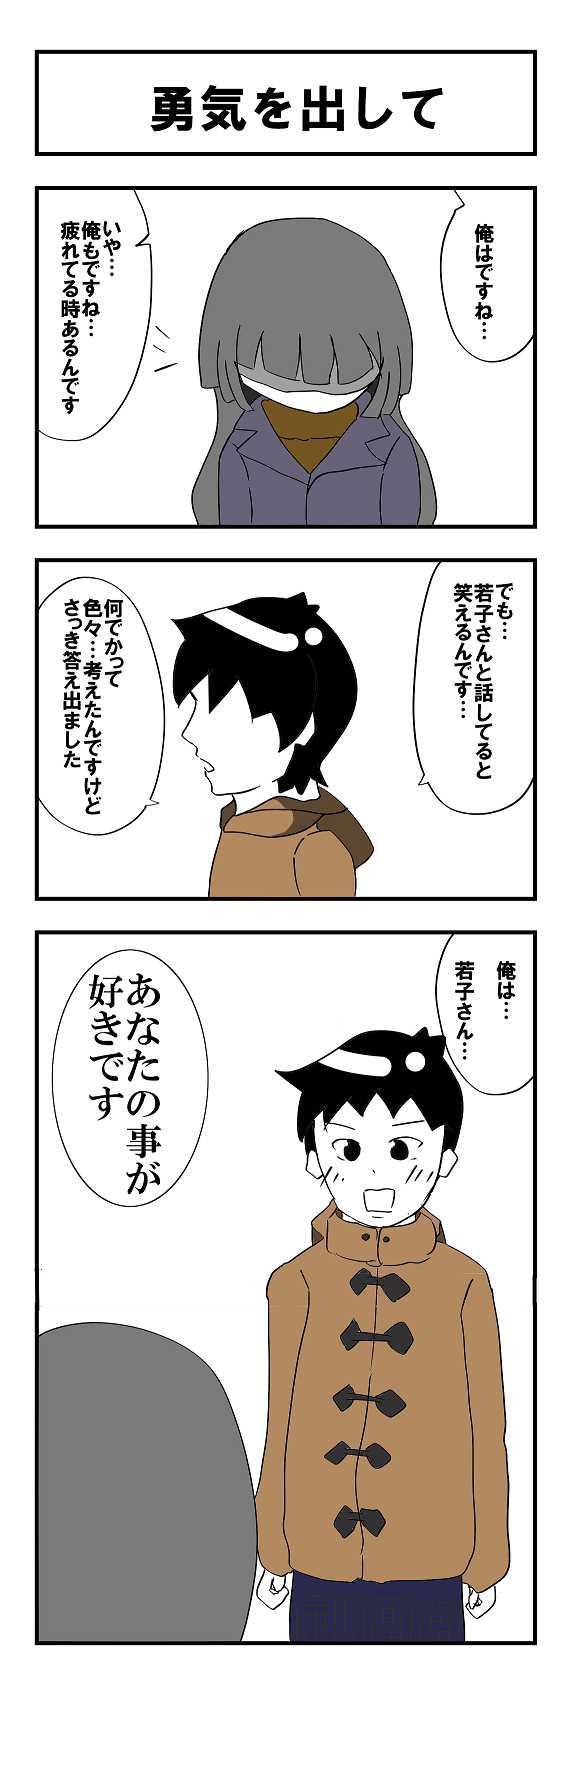 97話+誕生日イラスト